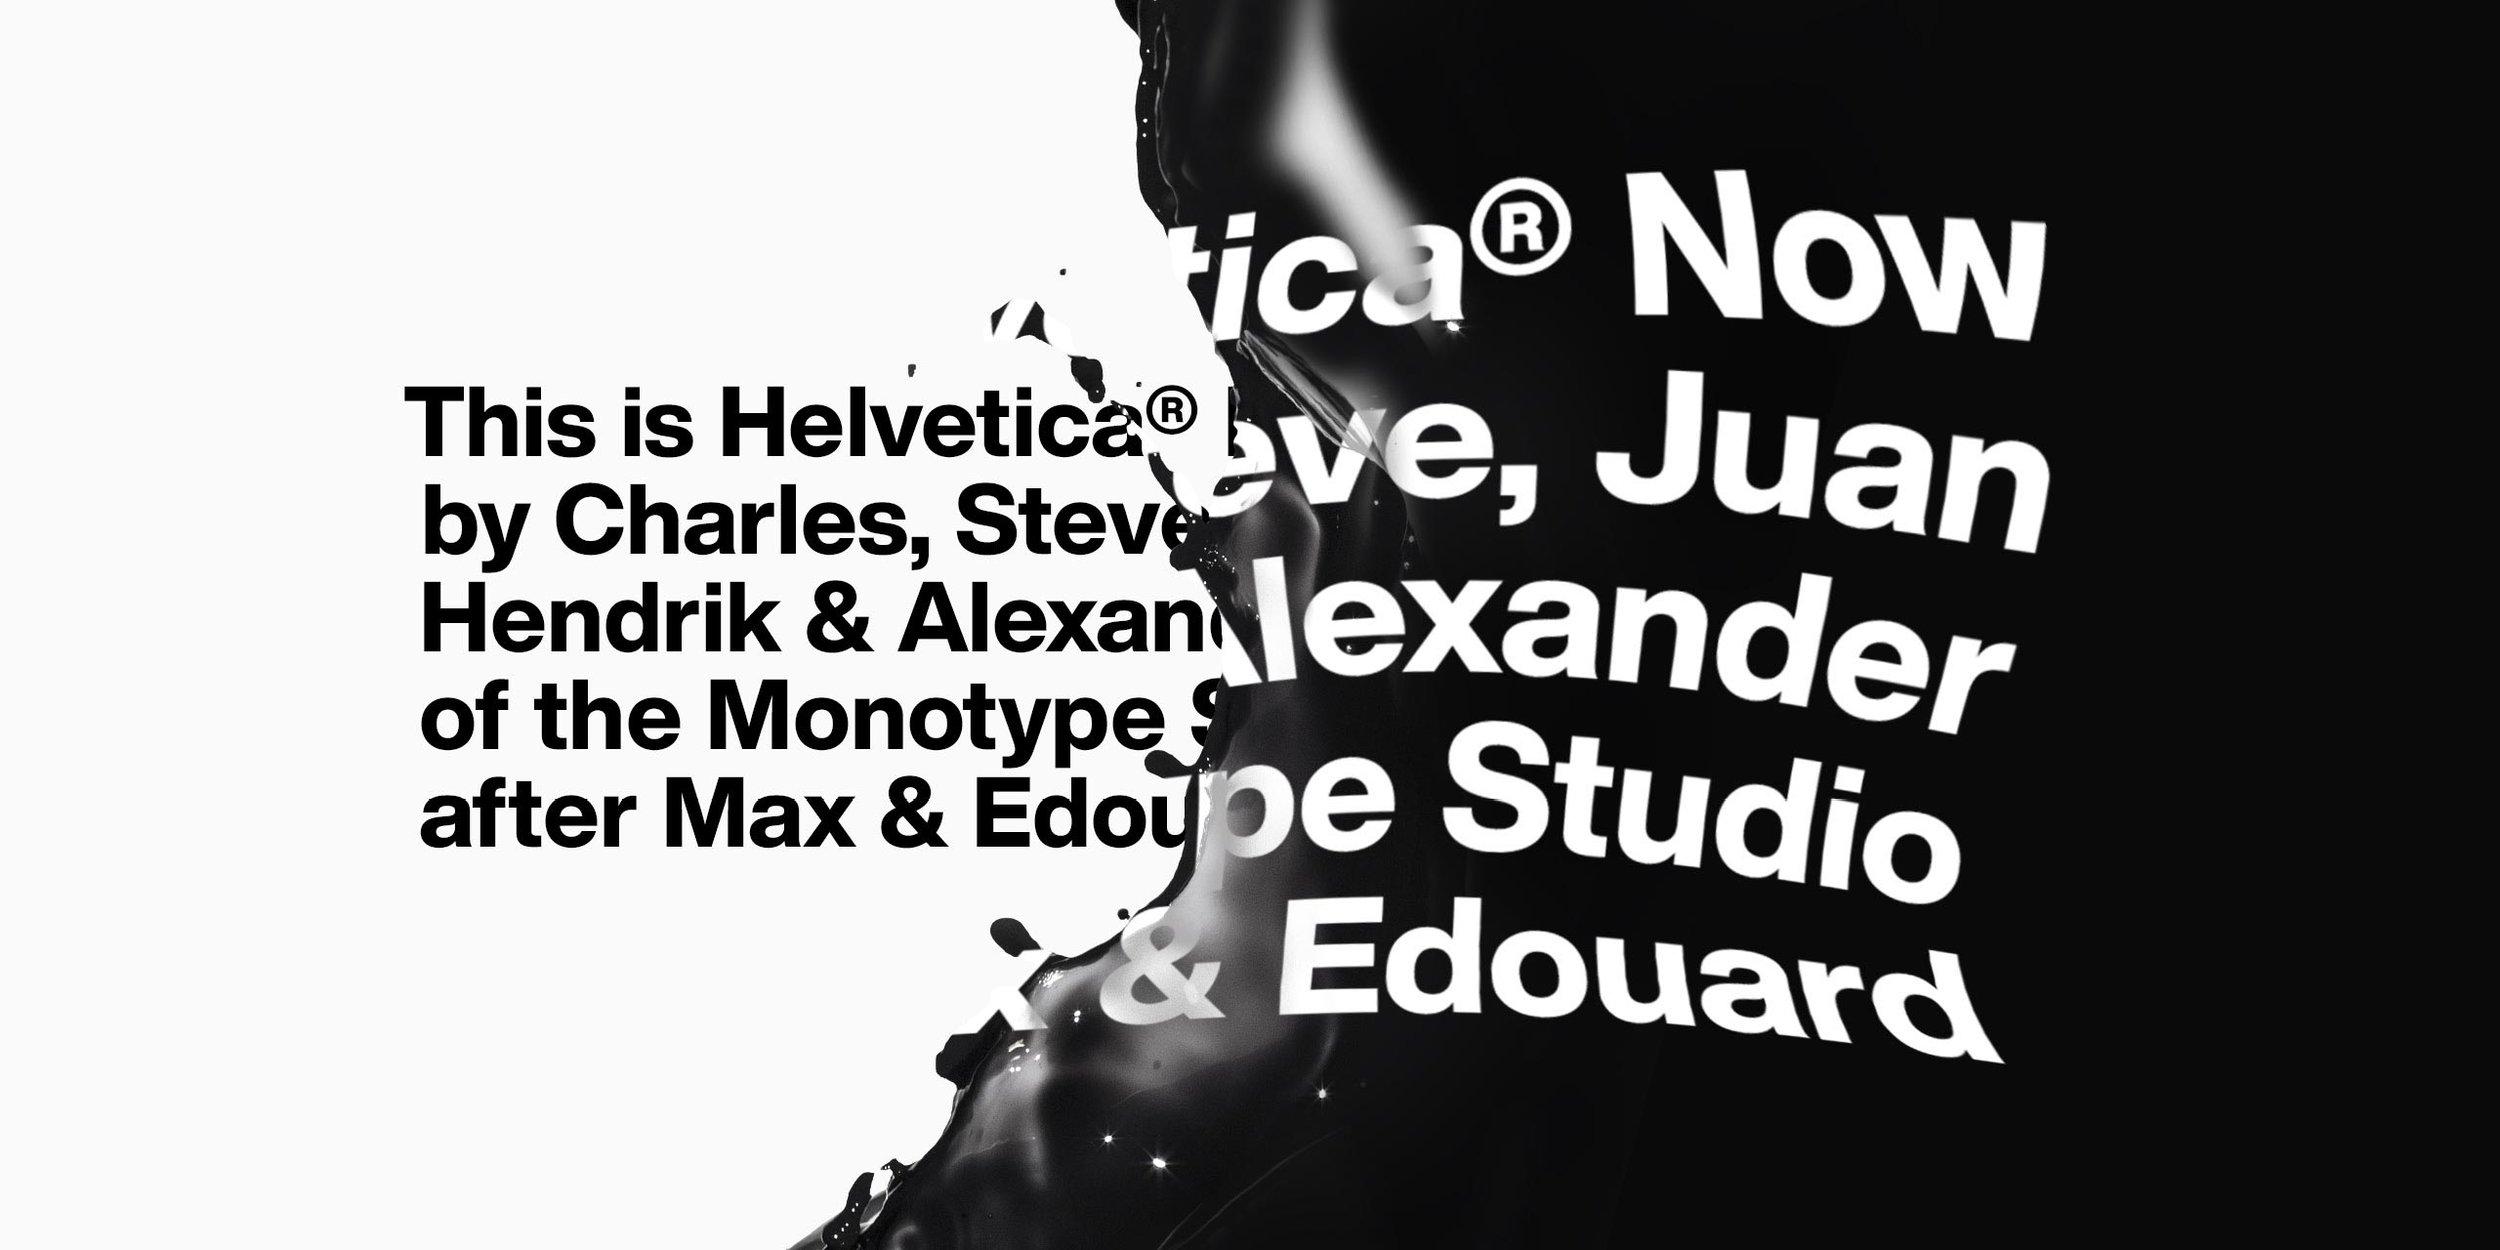 MT_Fonts_Helvetica_Now_01.jpg